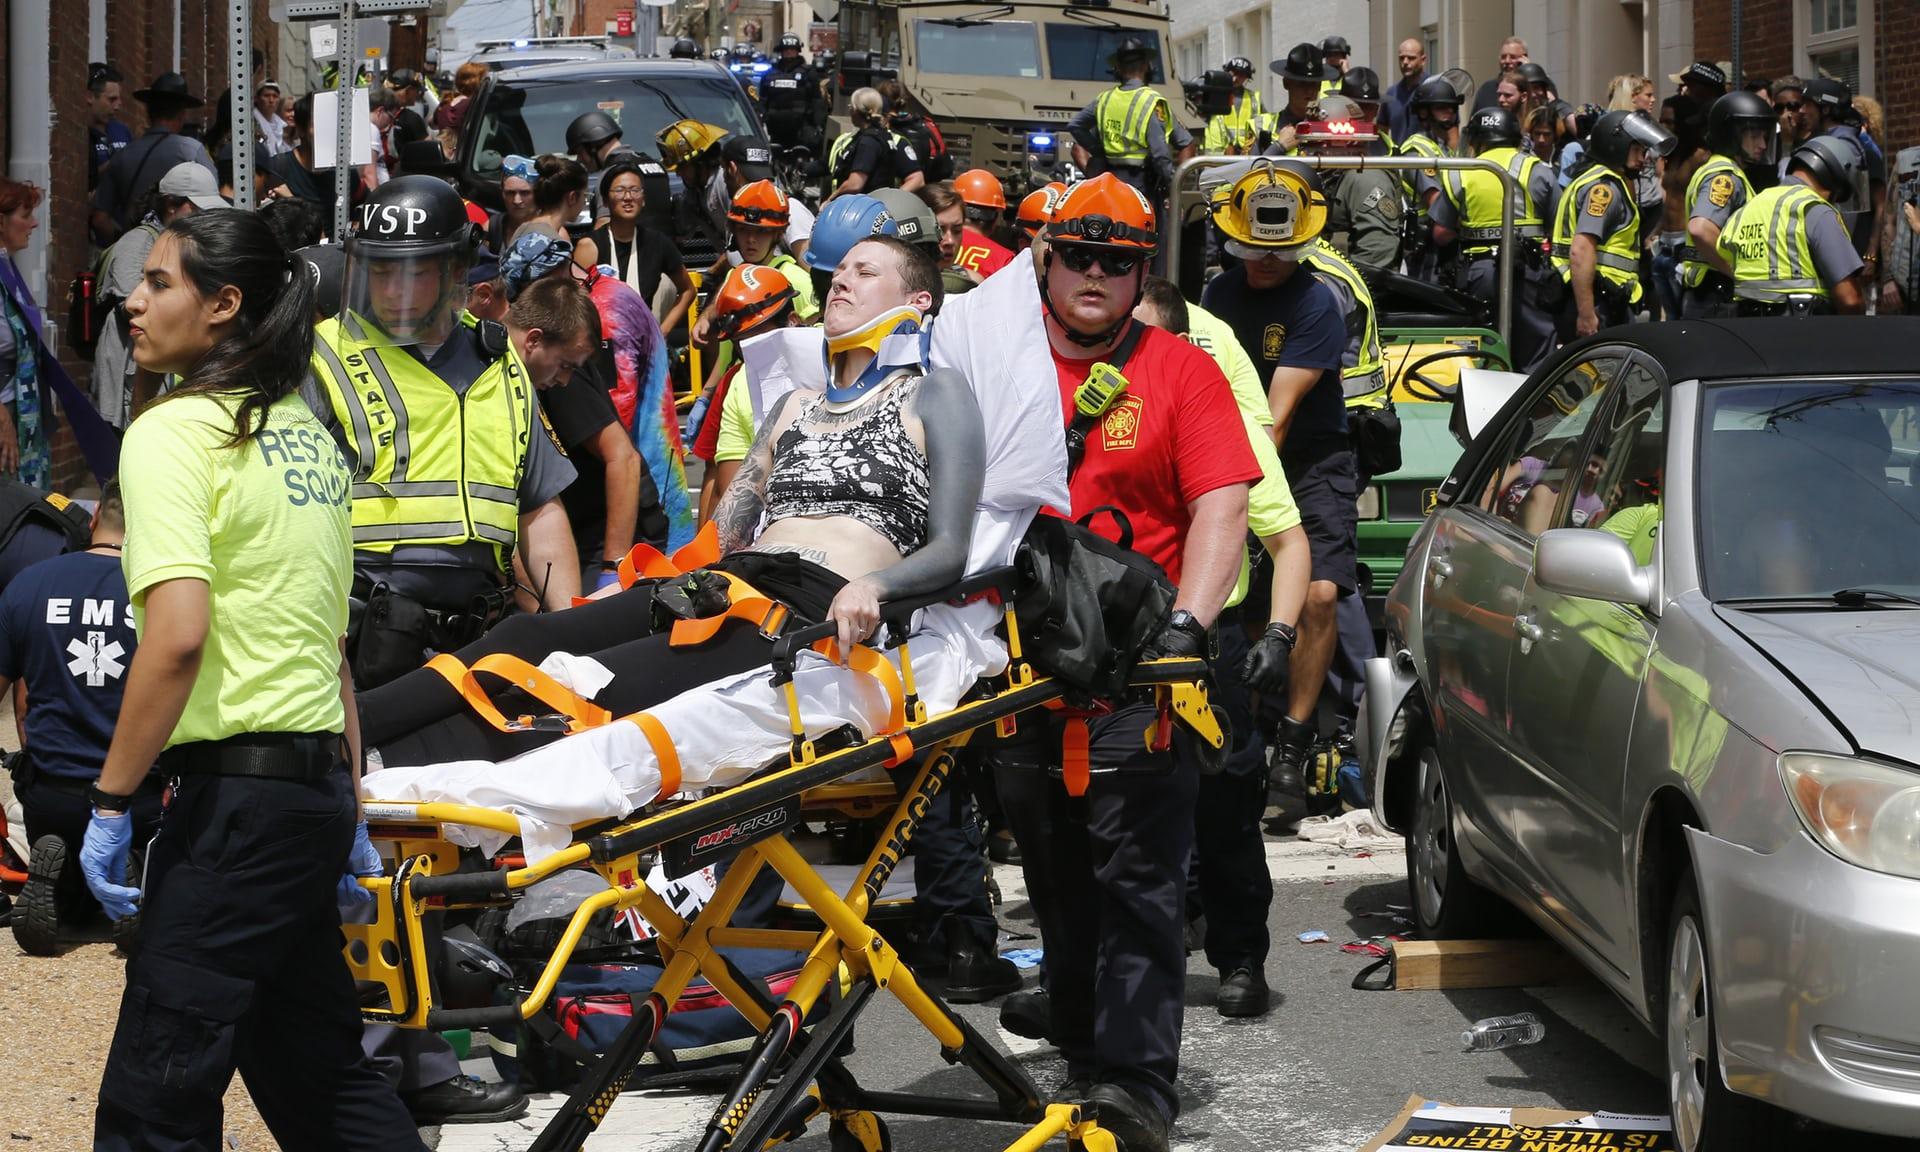 Најмалку три лица загинаа  а 35 се повредени  за време на протестите во Шарлотсвил